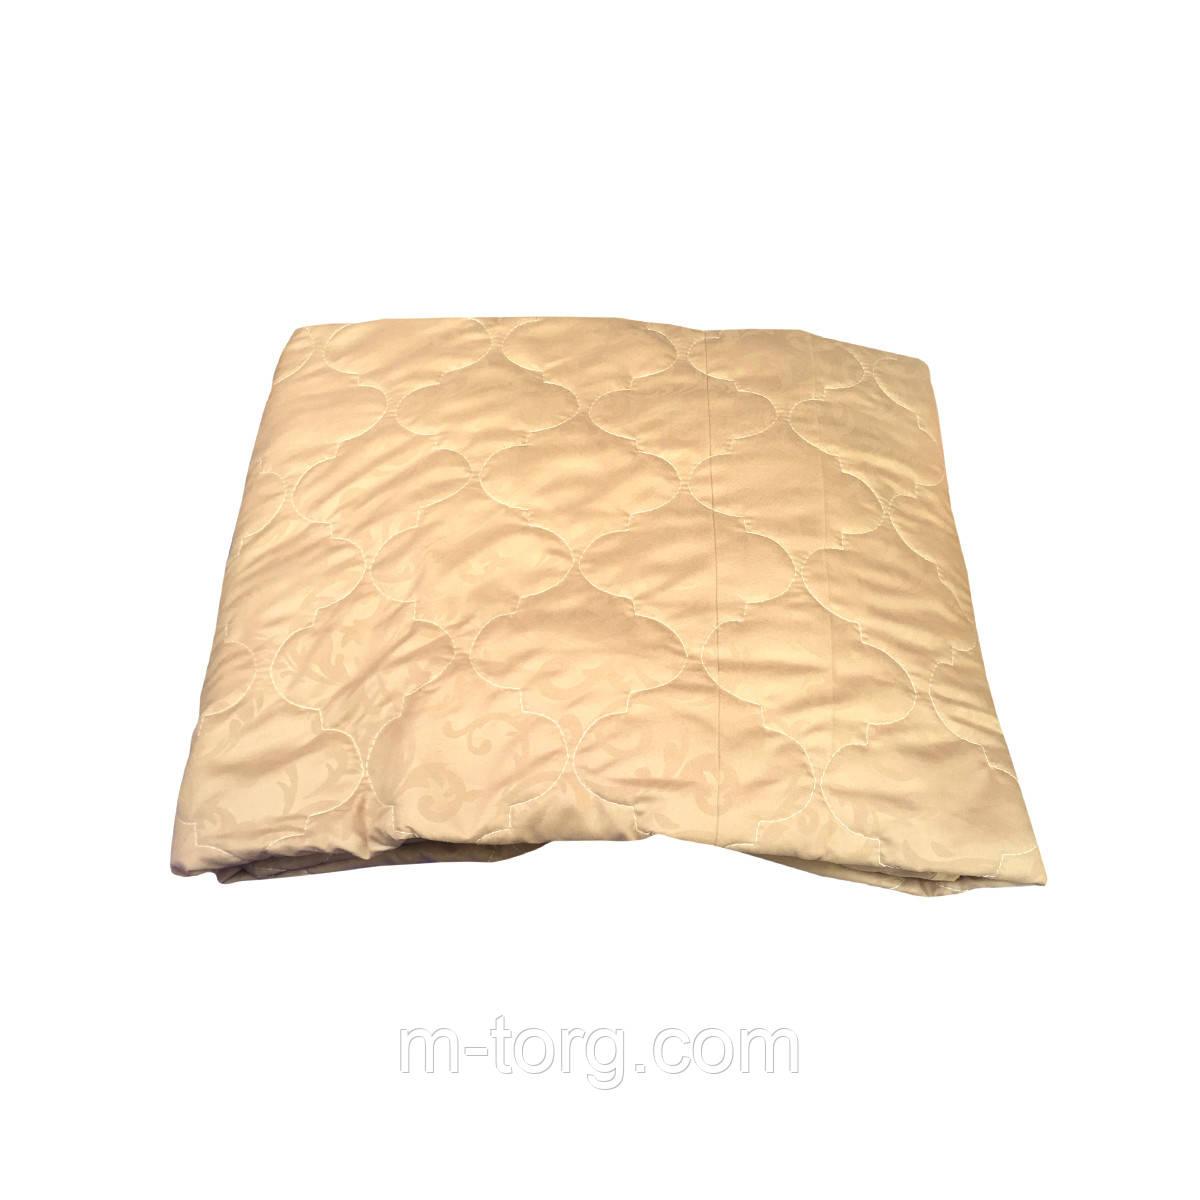 Бамбук летнее одеяло покрывало двуспальный размер 175/205